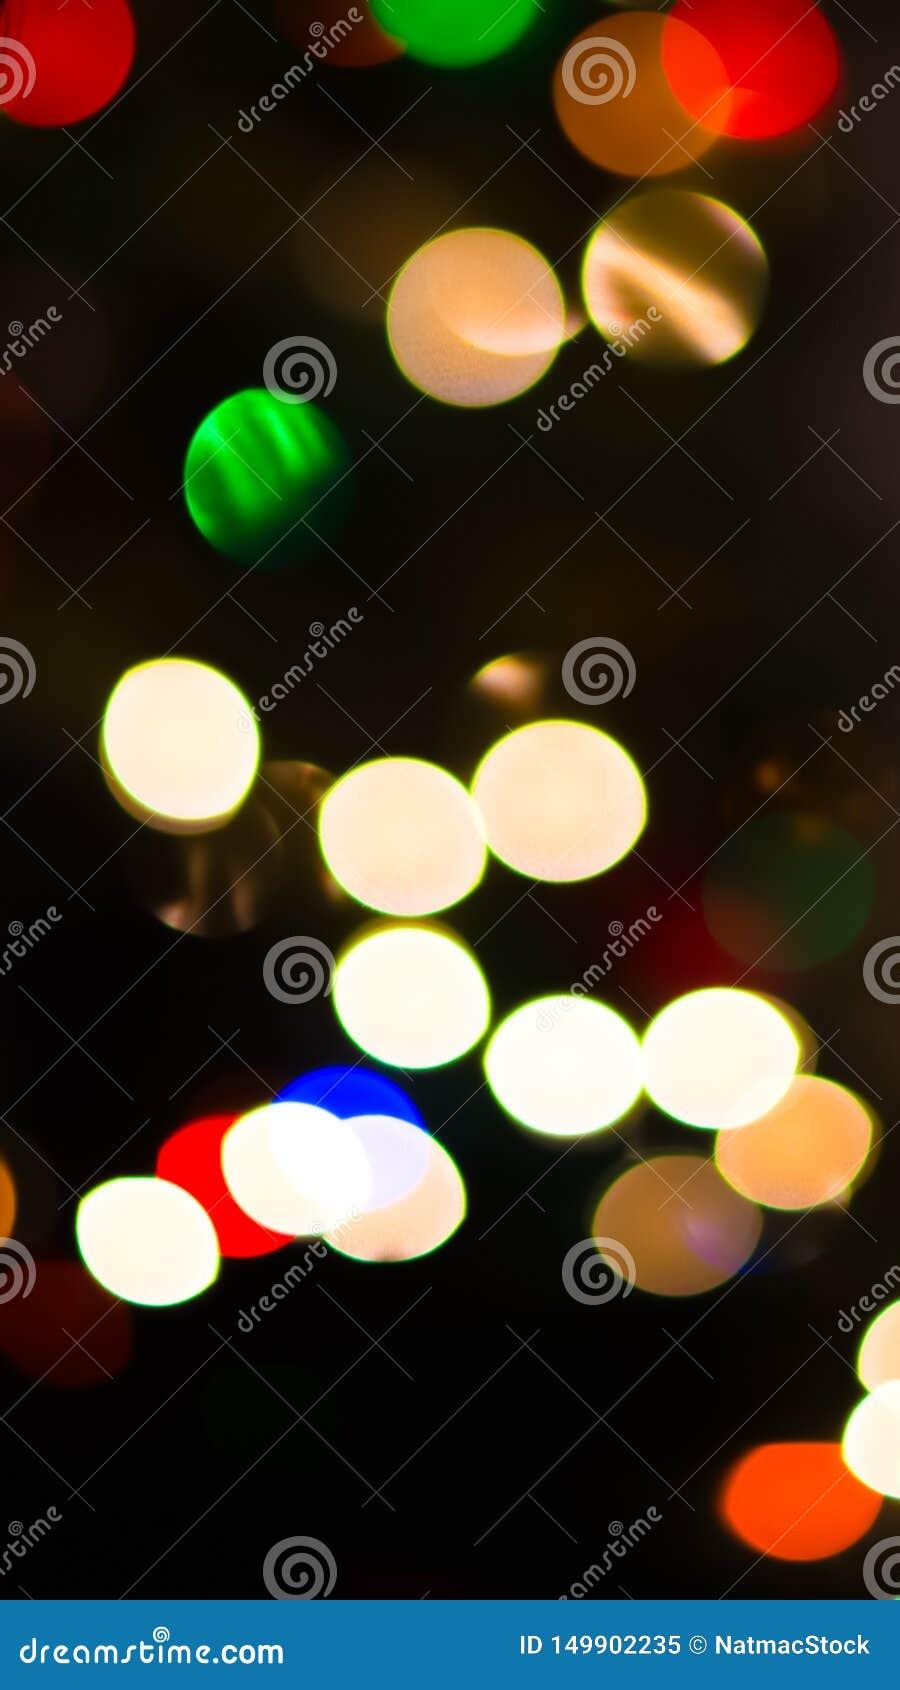 Abstrakter Hintergrund der Christbaumkerzen - dunkel mit Kreisen des Lichtes in den verschiedenen Farben